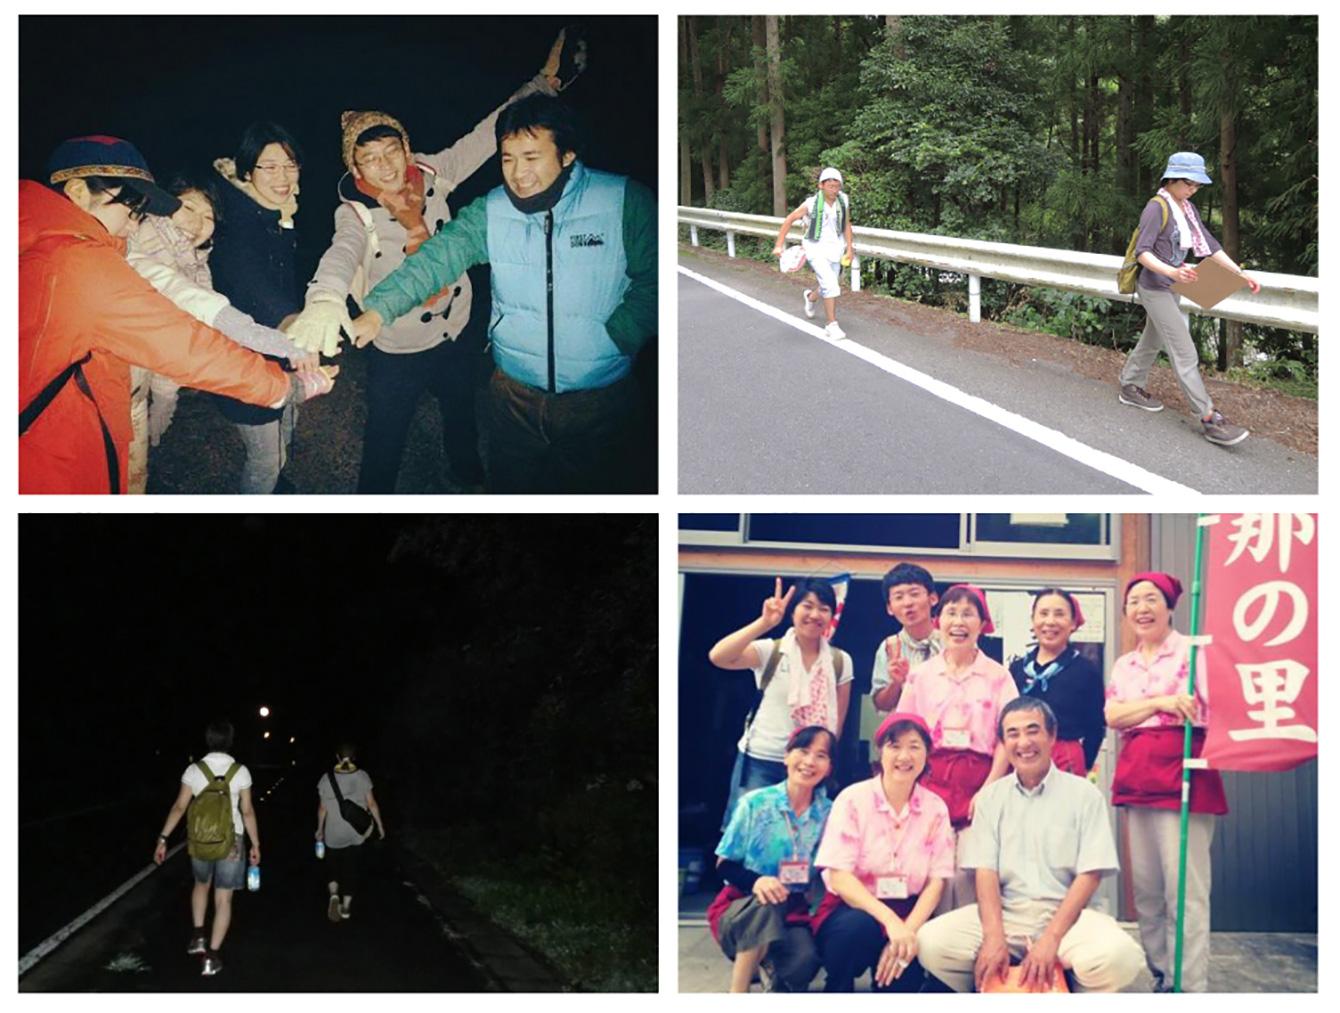 同期の伊藤君と共同企画で行ったスモールプロジェクト、「神山歩行祭」。プレイベントも合わせて神山と徳島間を3回歩行した。ただ歩くだけなのに予想以上に新たな発見がある。仲間と共にやりたいことに思い切りチャレンジできることも、神山塾最大の醍醐味だと思う。